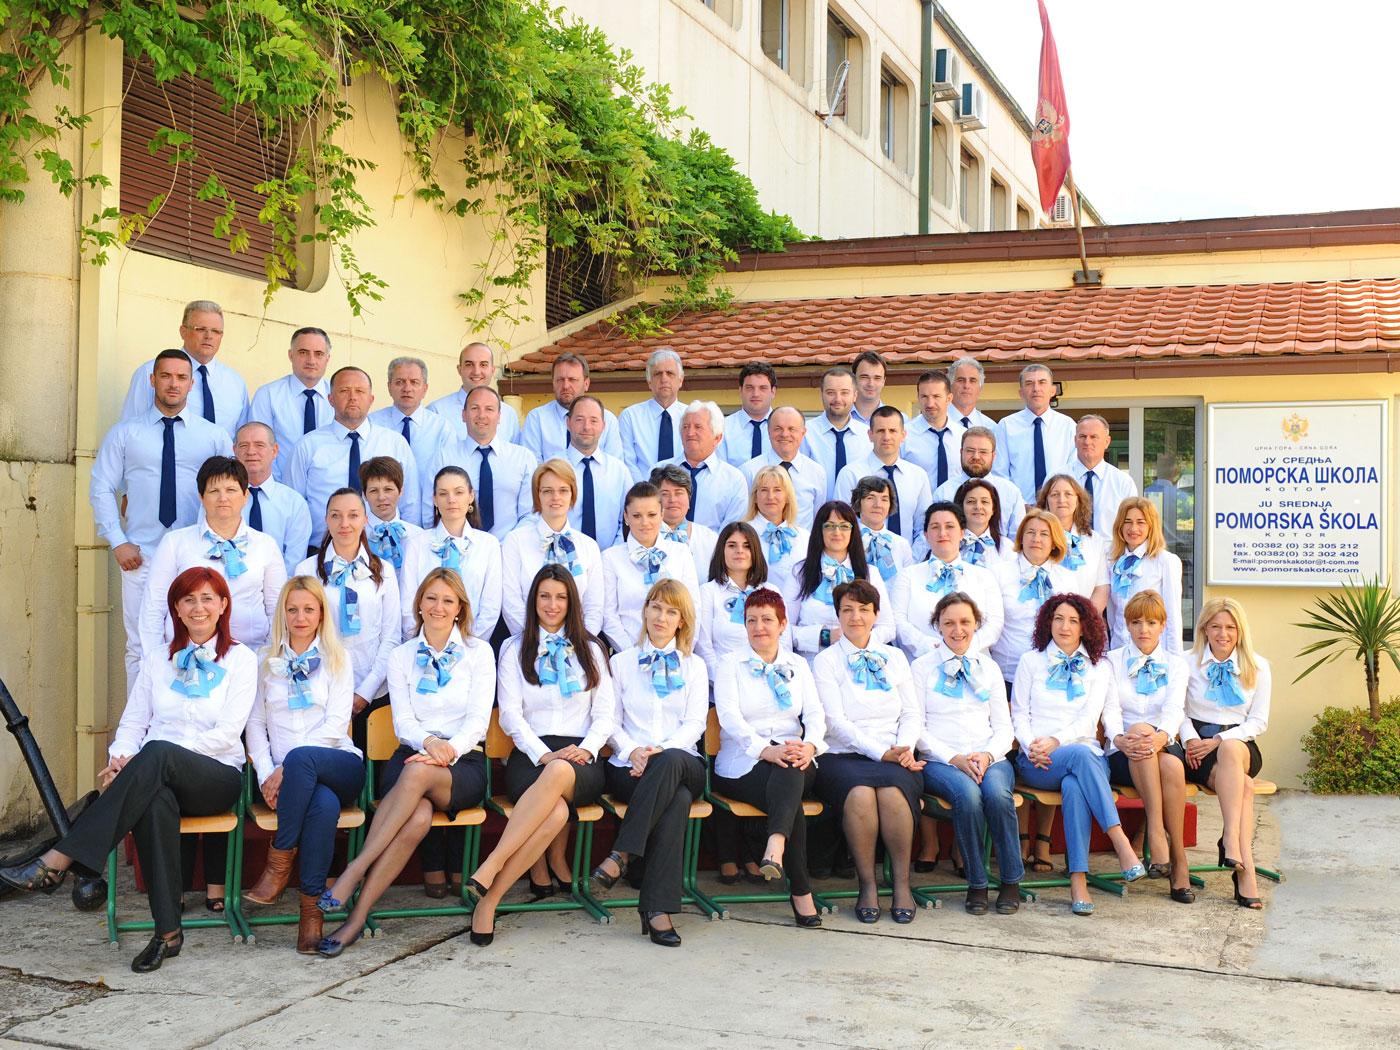 Srednja pomorska škola Kotor